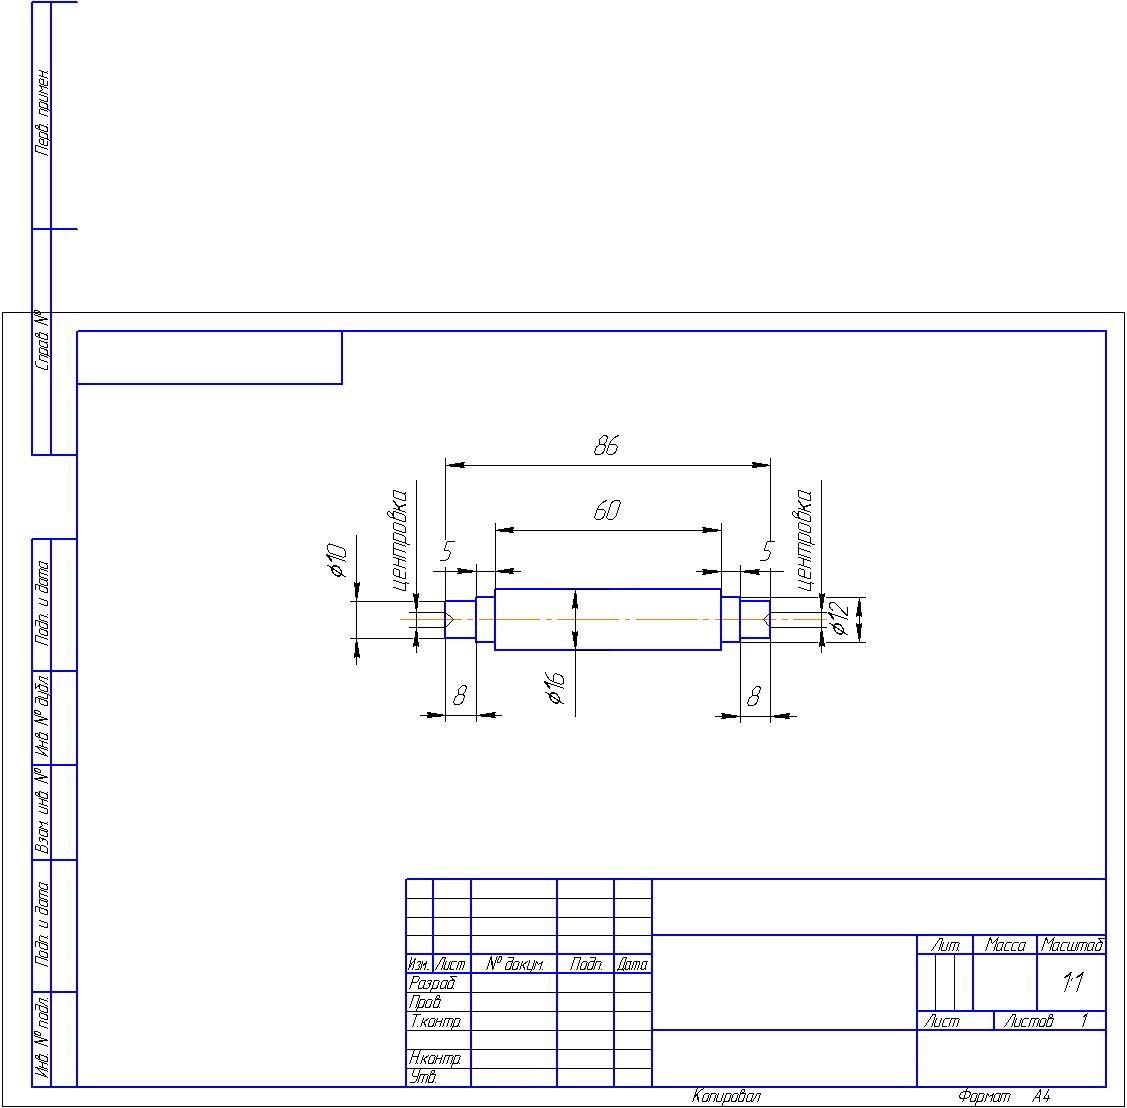 Гриндер своими руками — чертежи с размерами и инструкция для сборки шлифовального станка